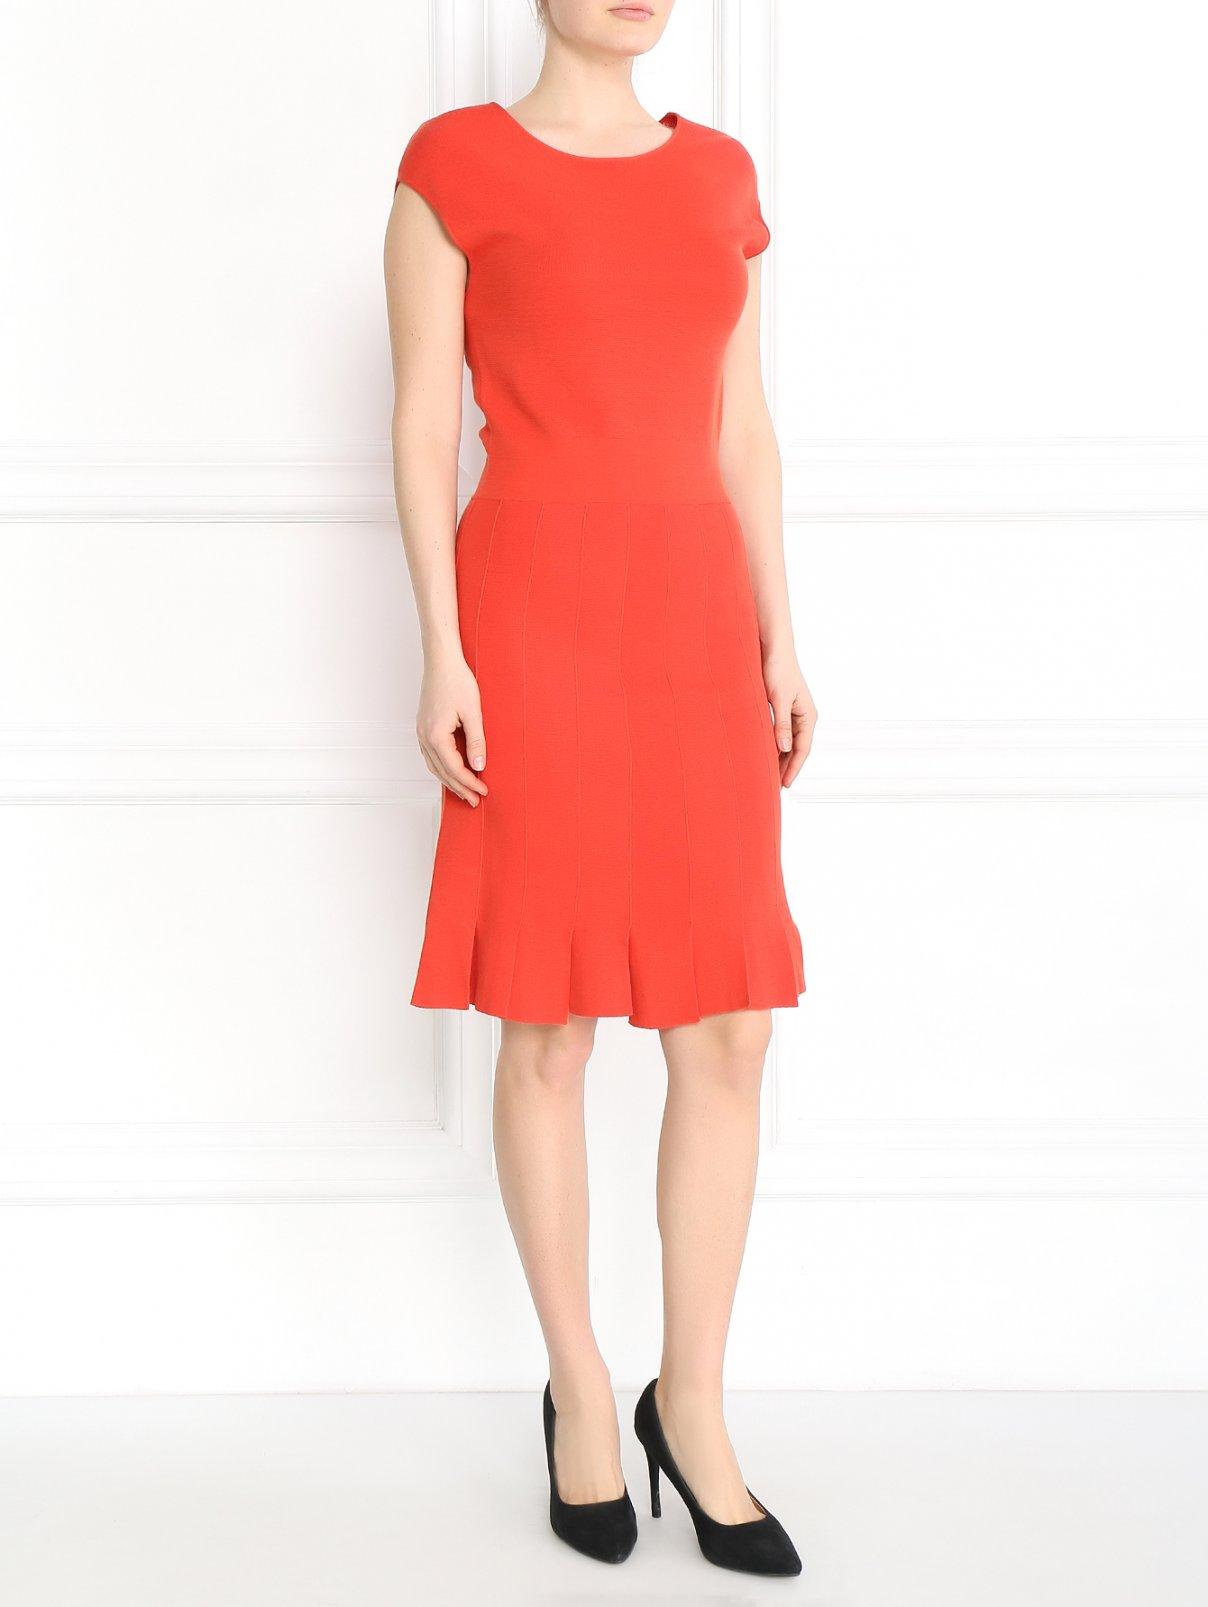 Платье-футляр из смесового хлопка Armani Collezioni  –  Модель Общий вид  – Цвет:  Красный